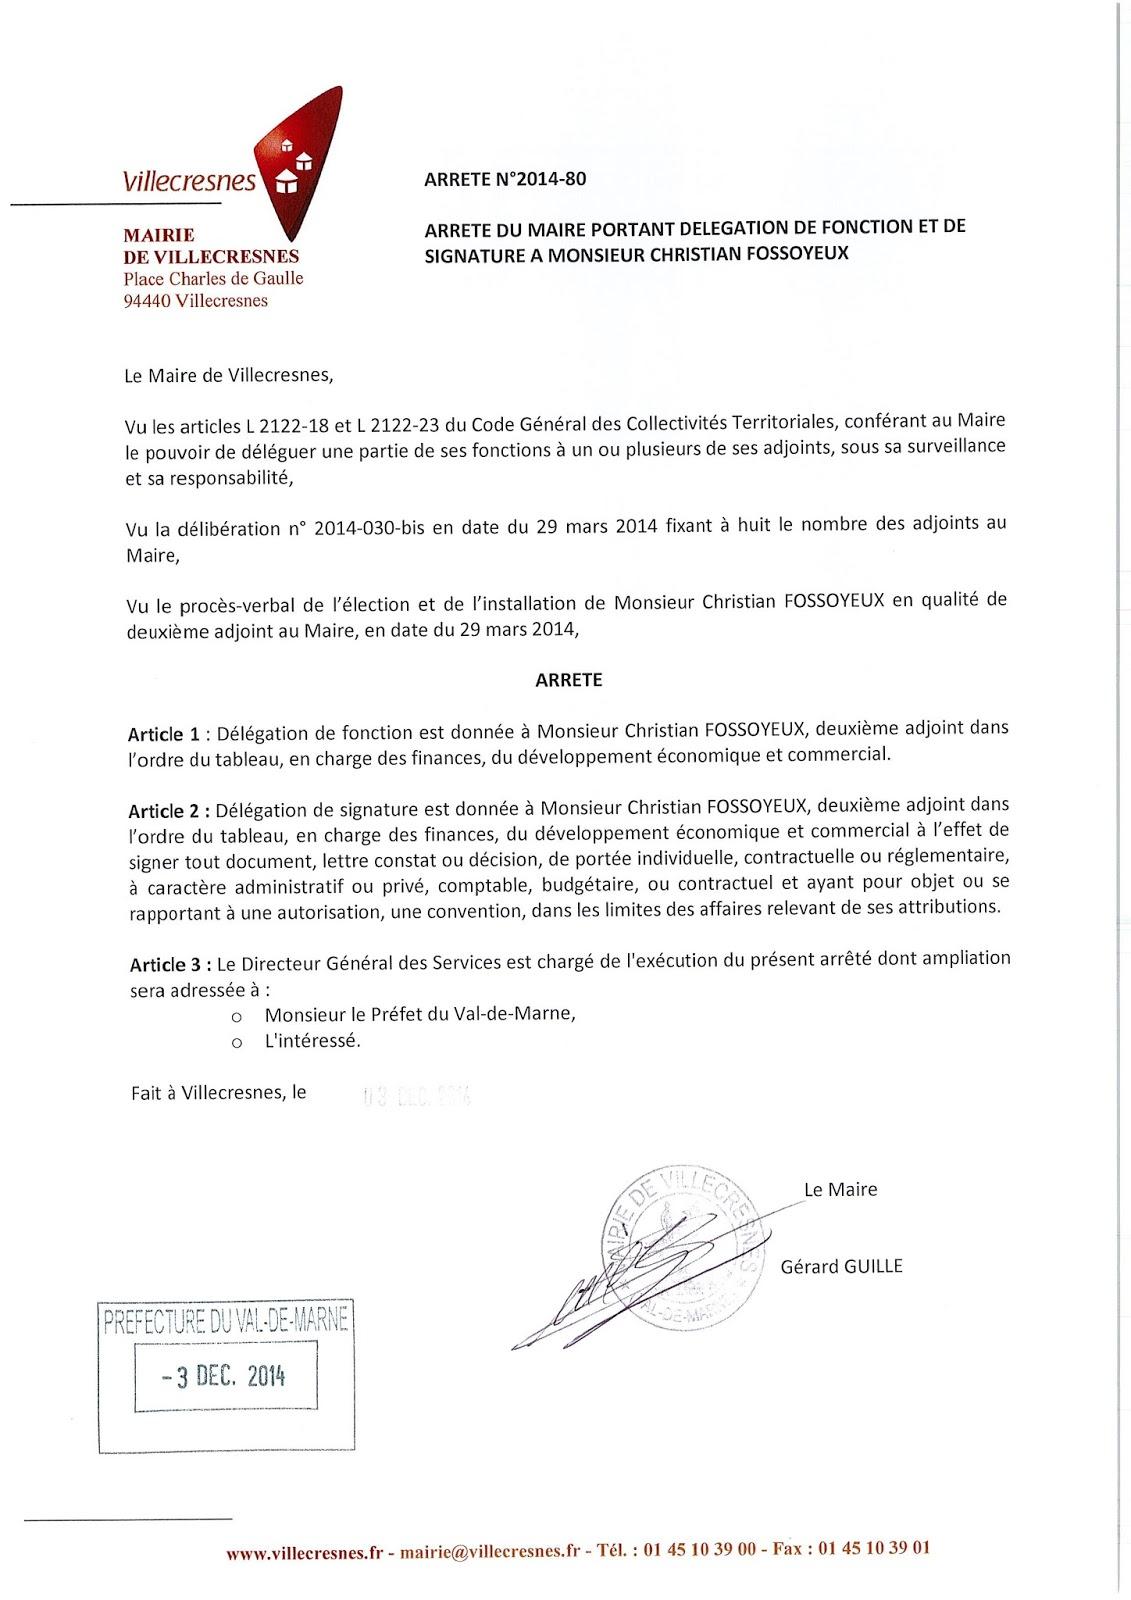 2014-080 Délégation de fonction et de signature à Monsieur Christian Fossoyeux